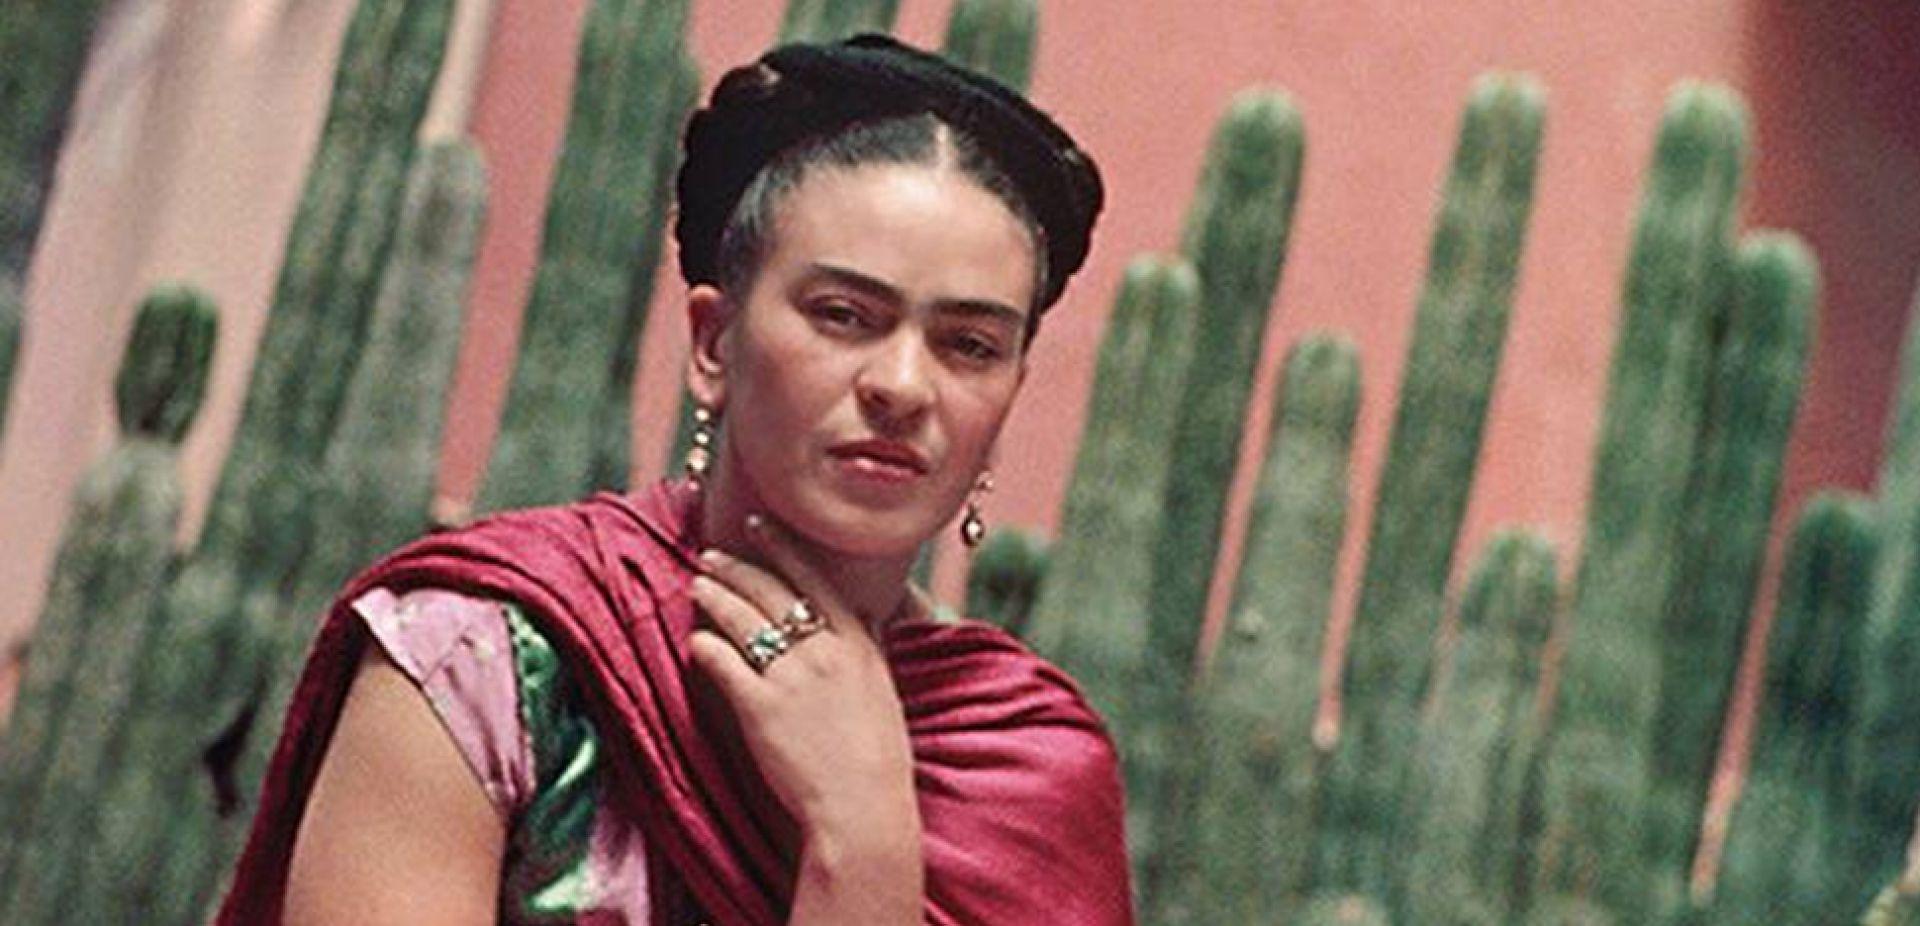 Kobieta na tle kaktusów w czerwonym szalu